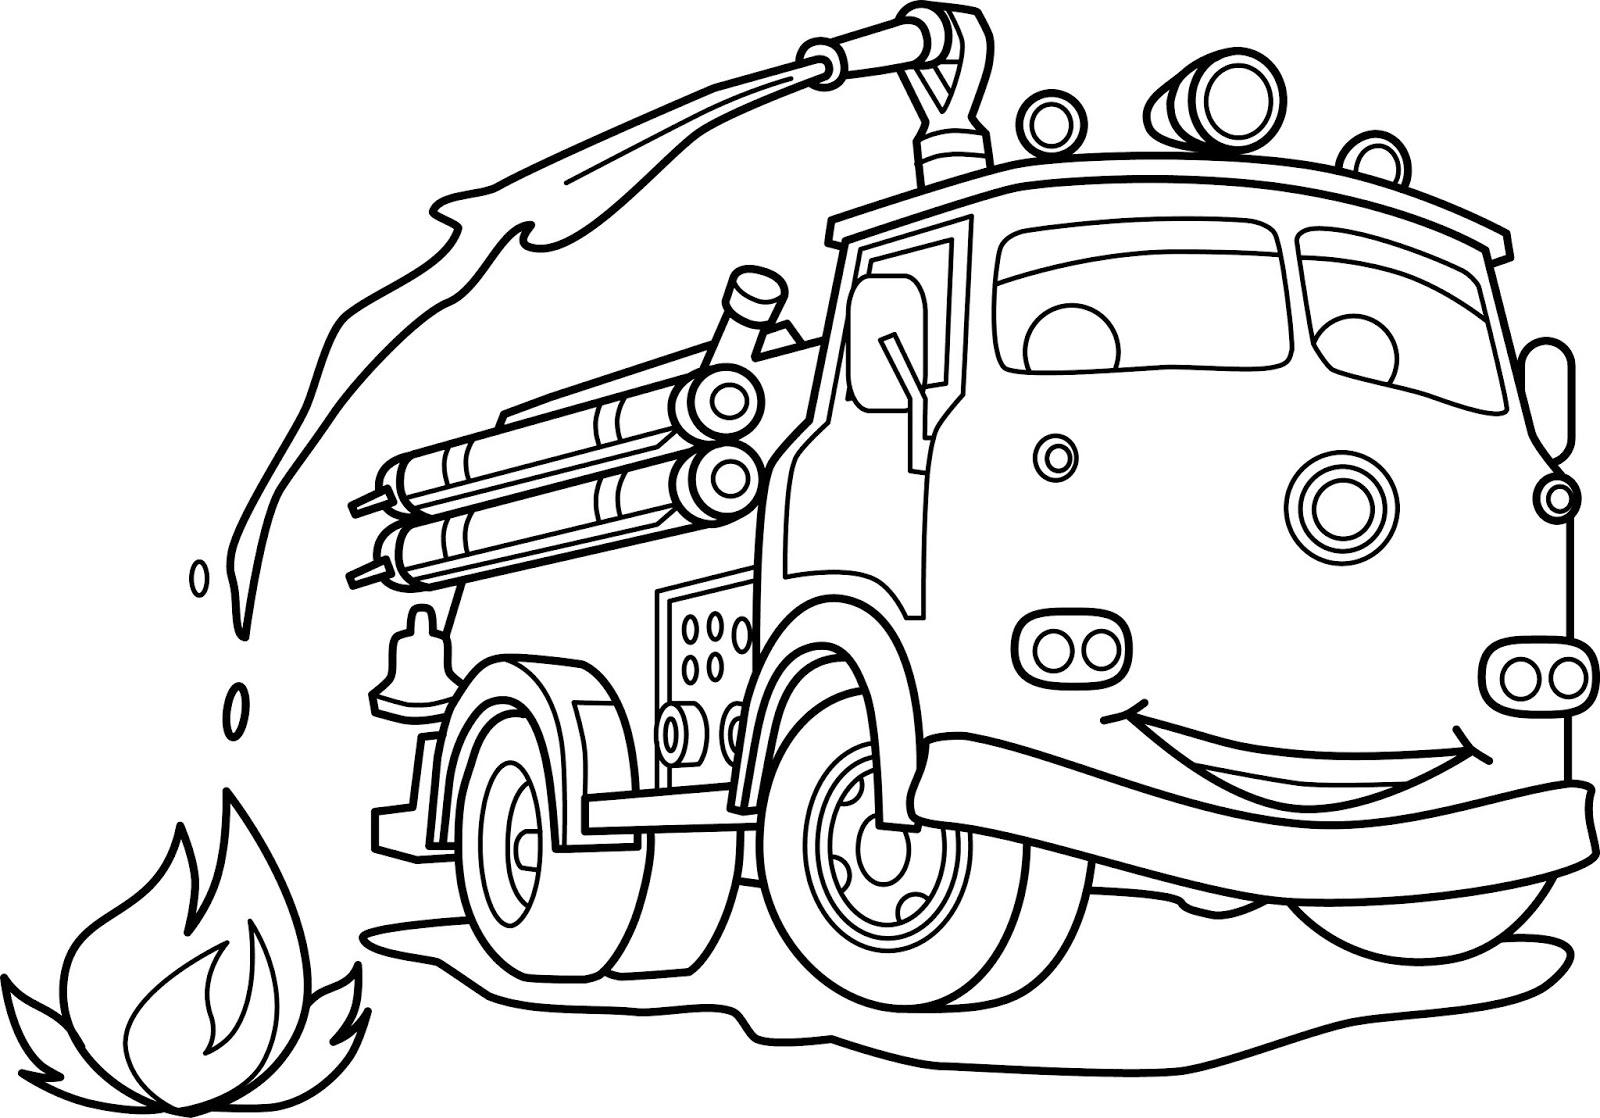 Animasi Mobil Damkar Download Belajar Menggambar Dan Mewarnai Mobil Pemadam Kebakaran Kuro